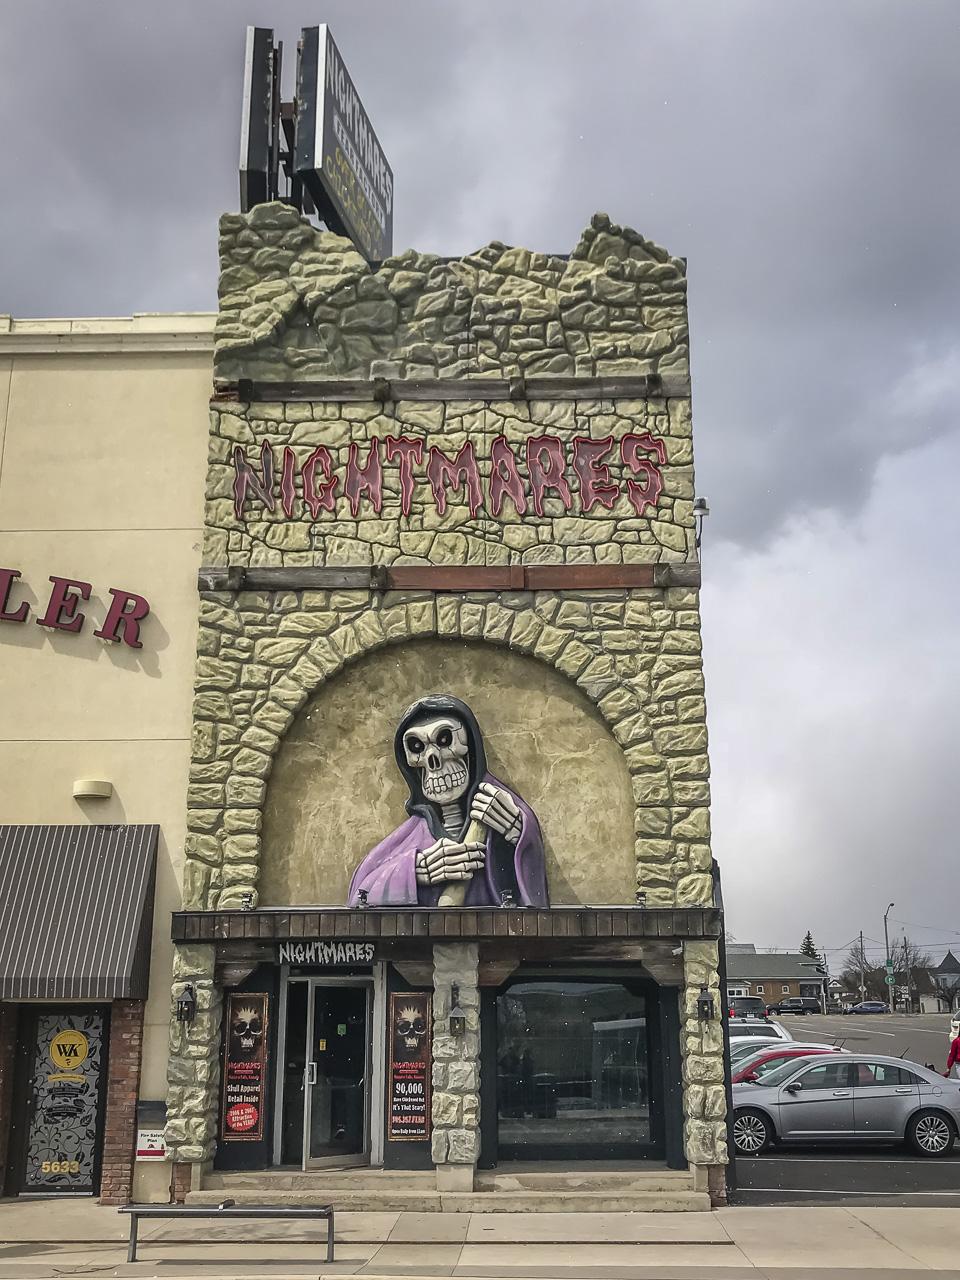 toronto to Niagara Falls Nightmares